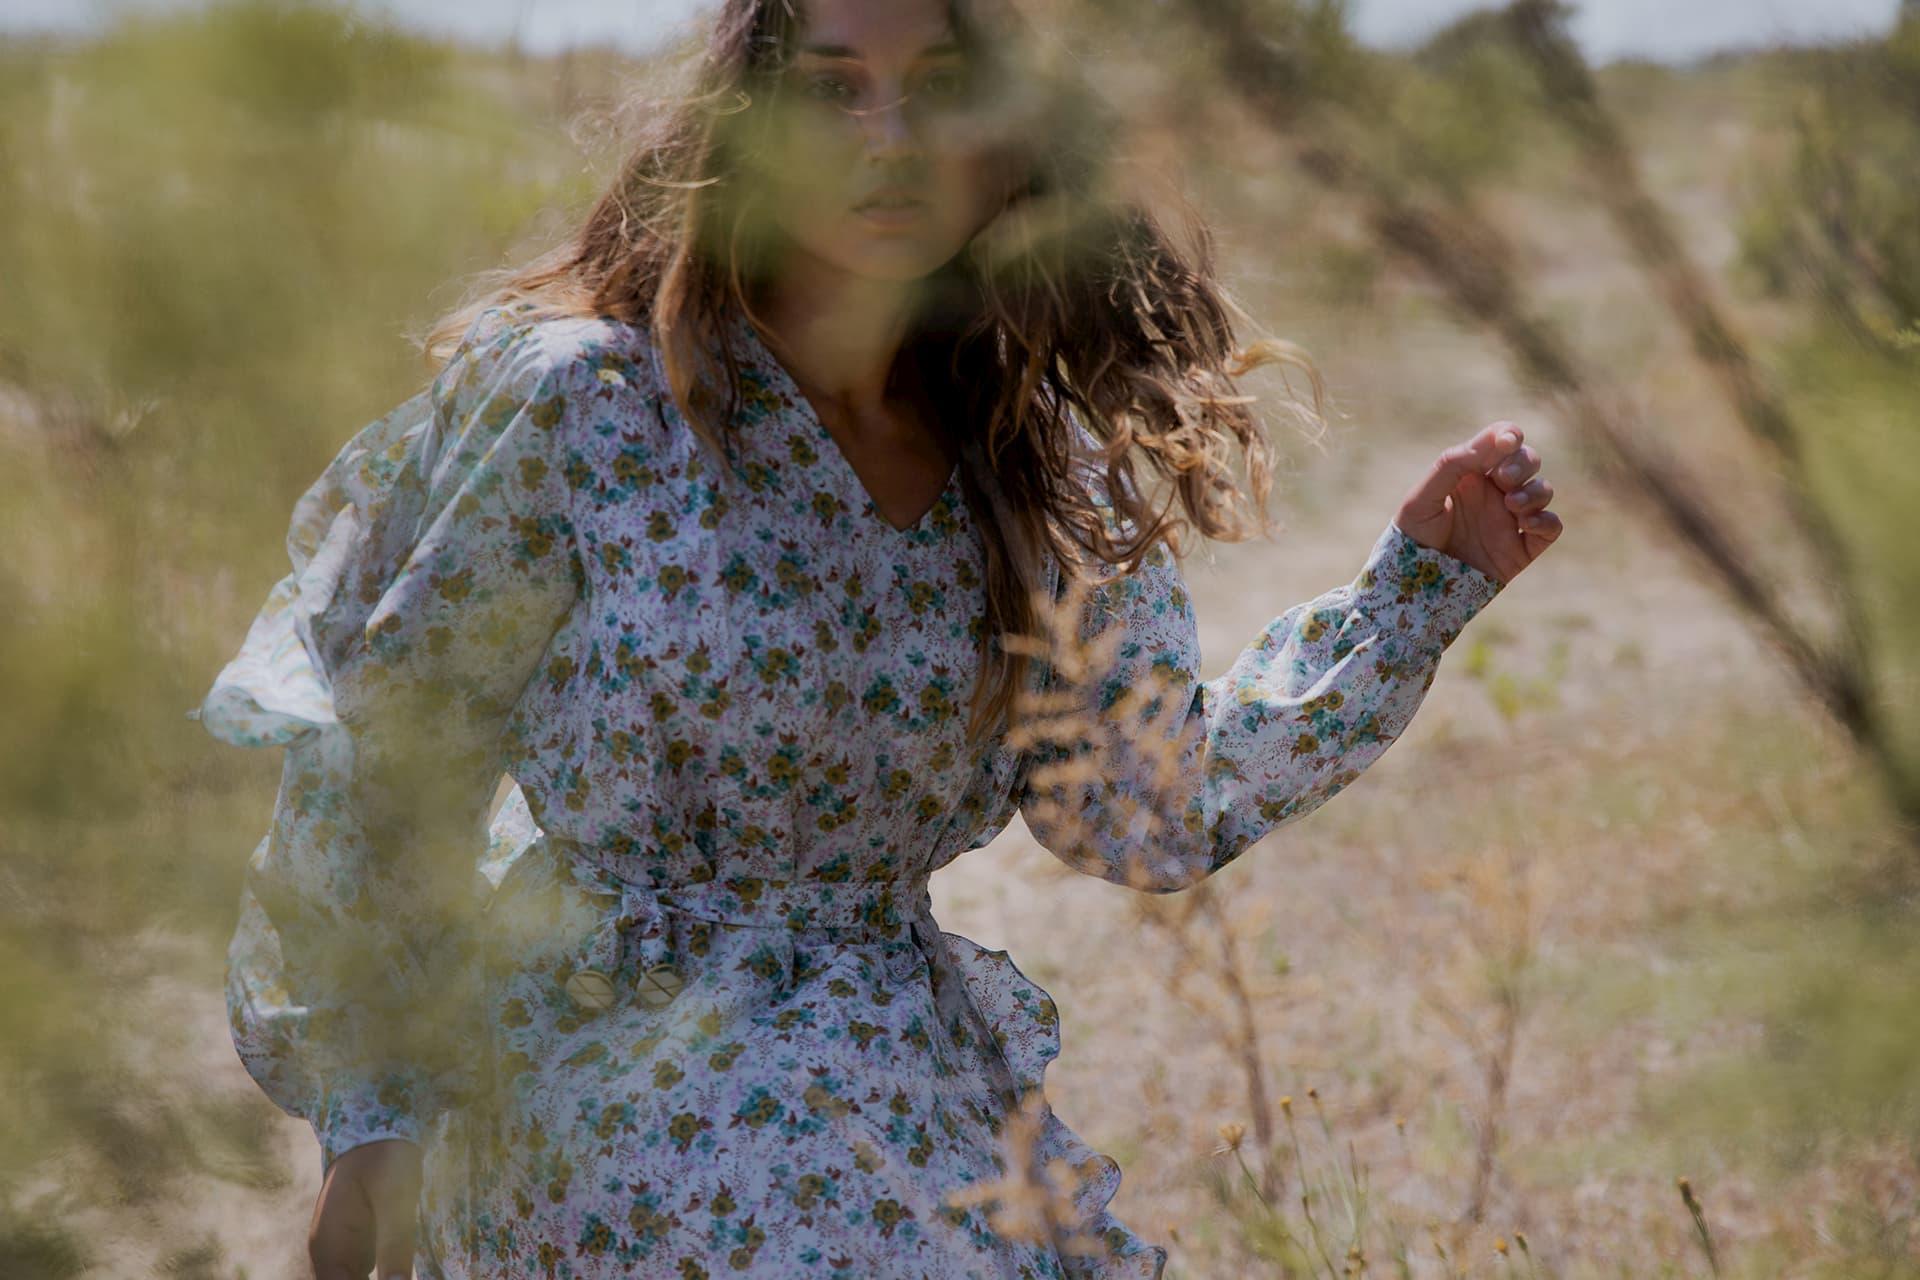 Melissa Cecchini Fotografa - Home Page Picture